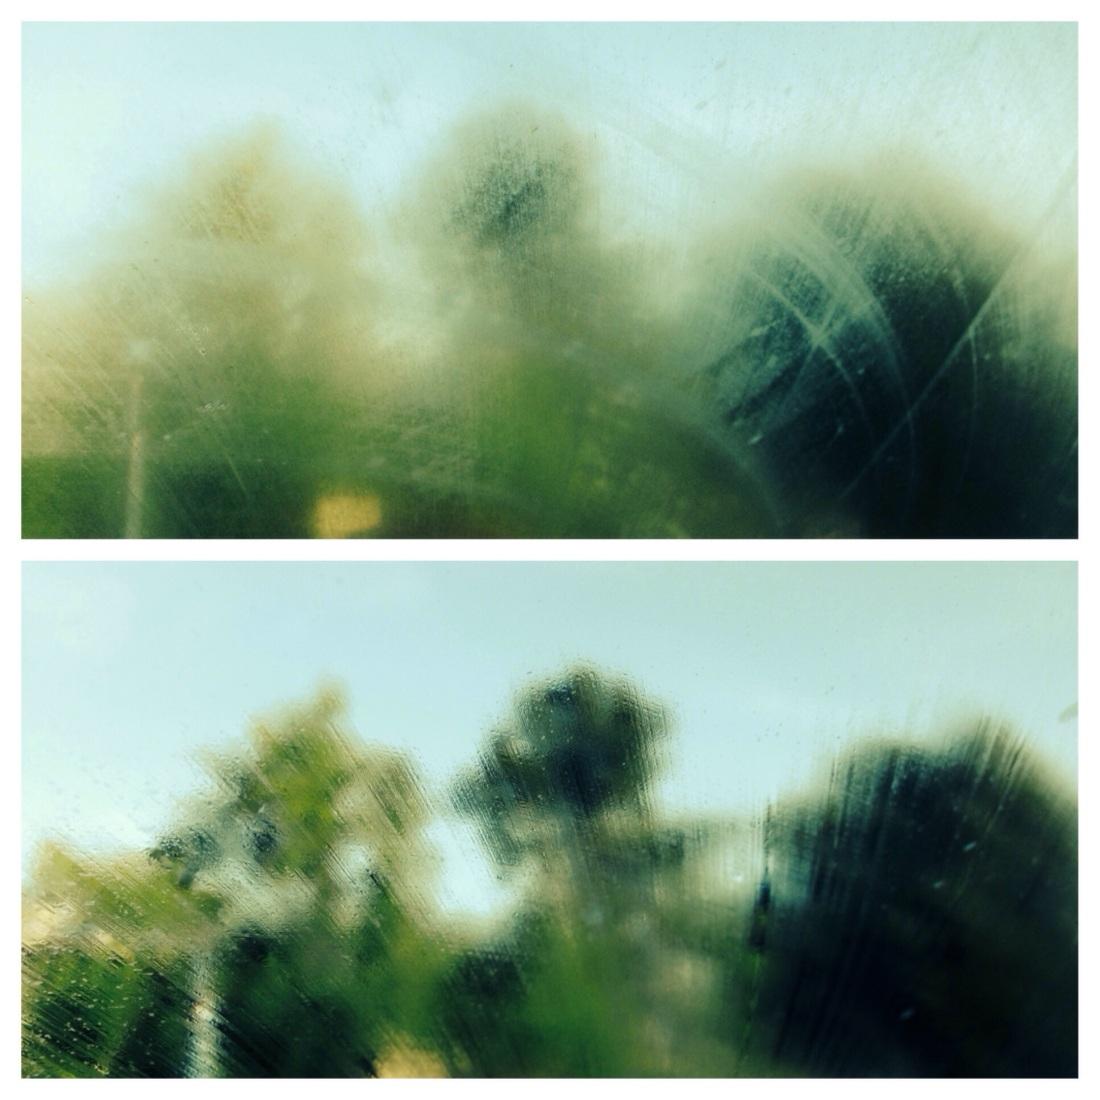 20140508-121543.jpg